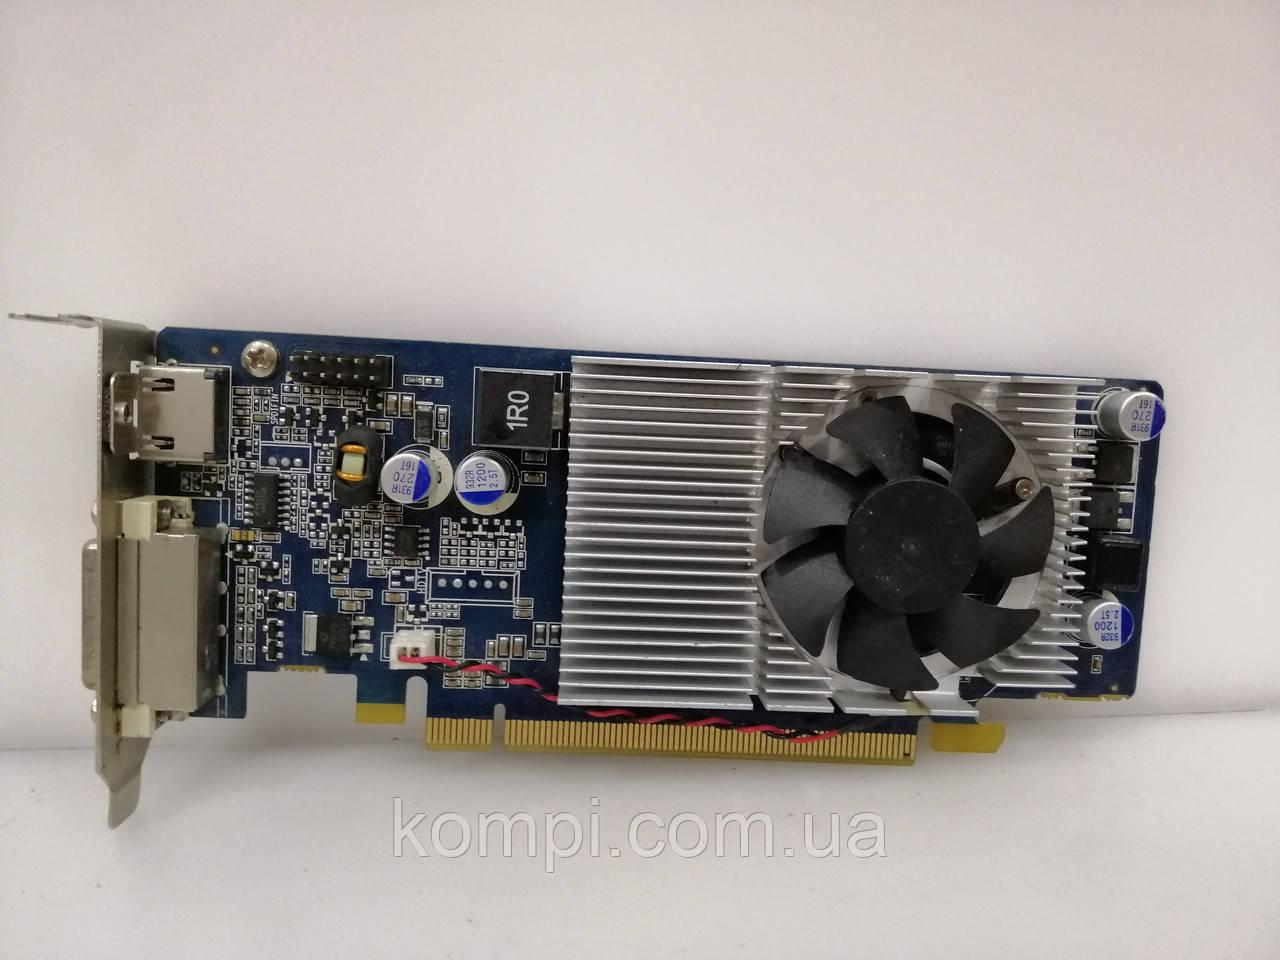 Видеокарта NVIDIA G210 512mb низькопрофільна!!!